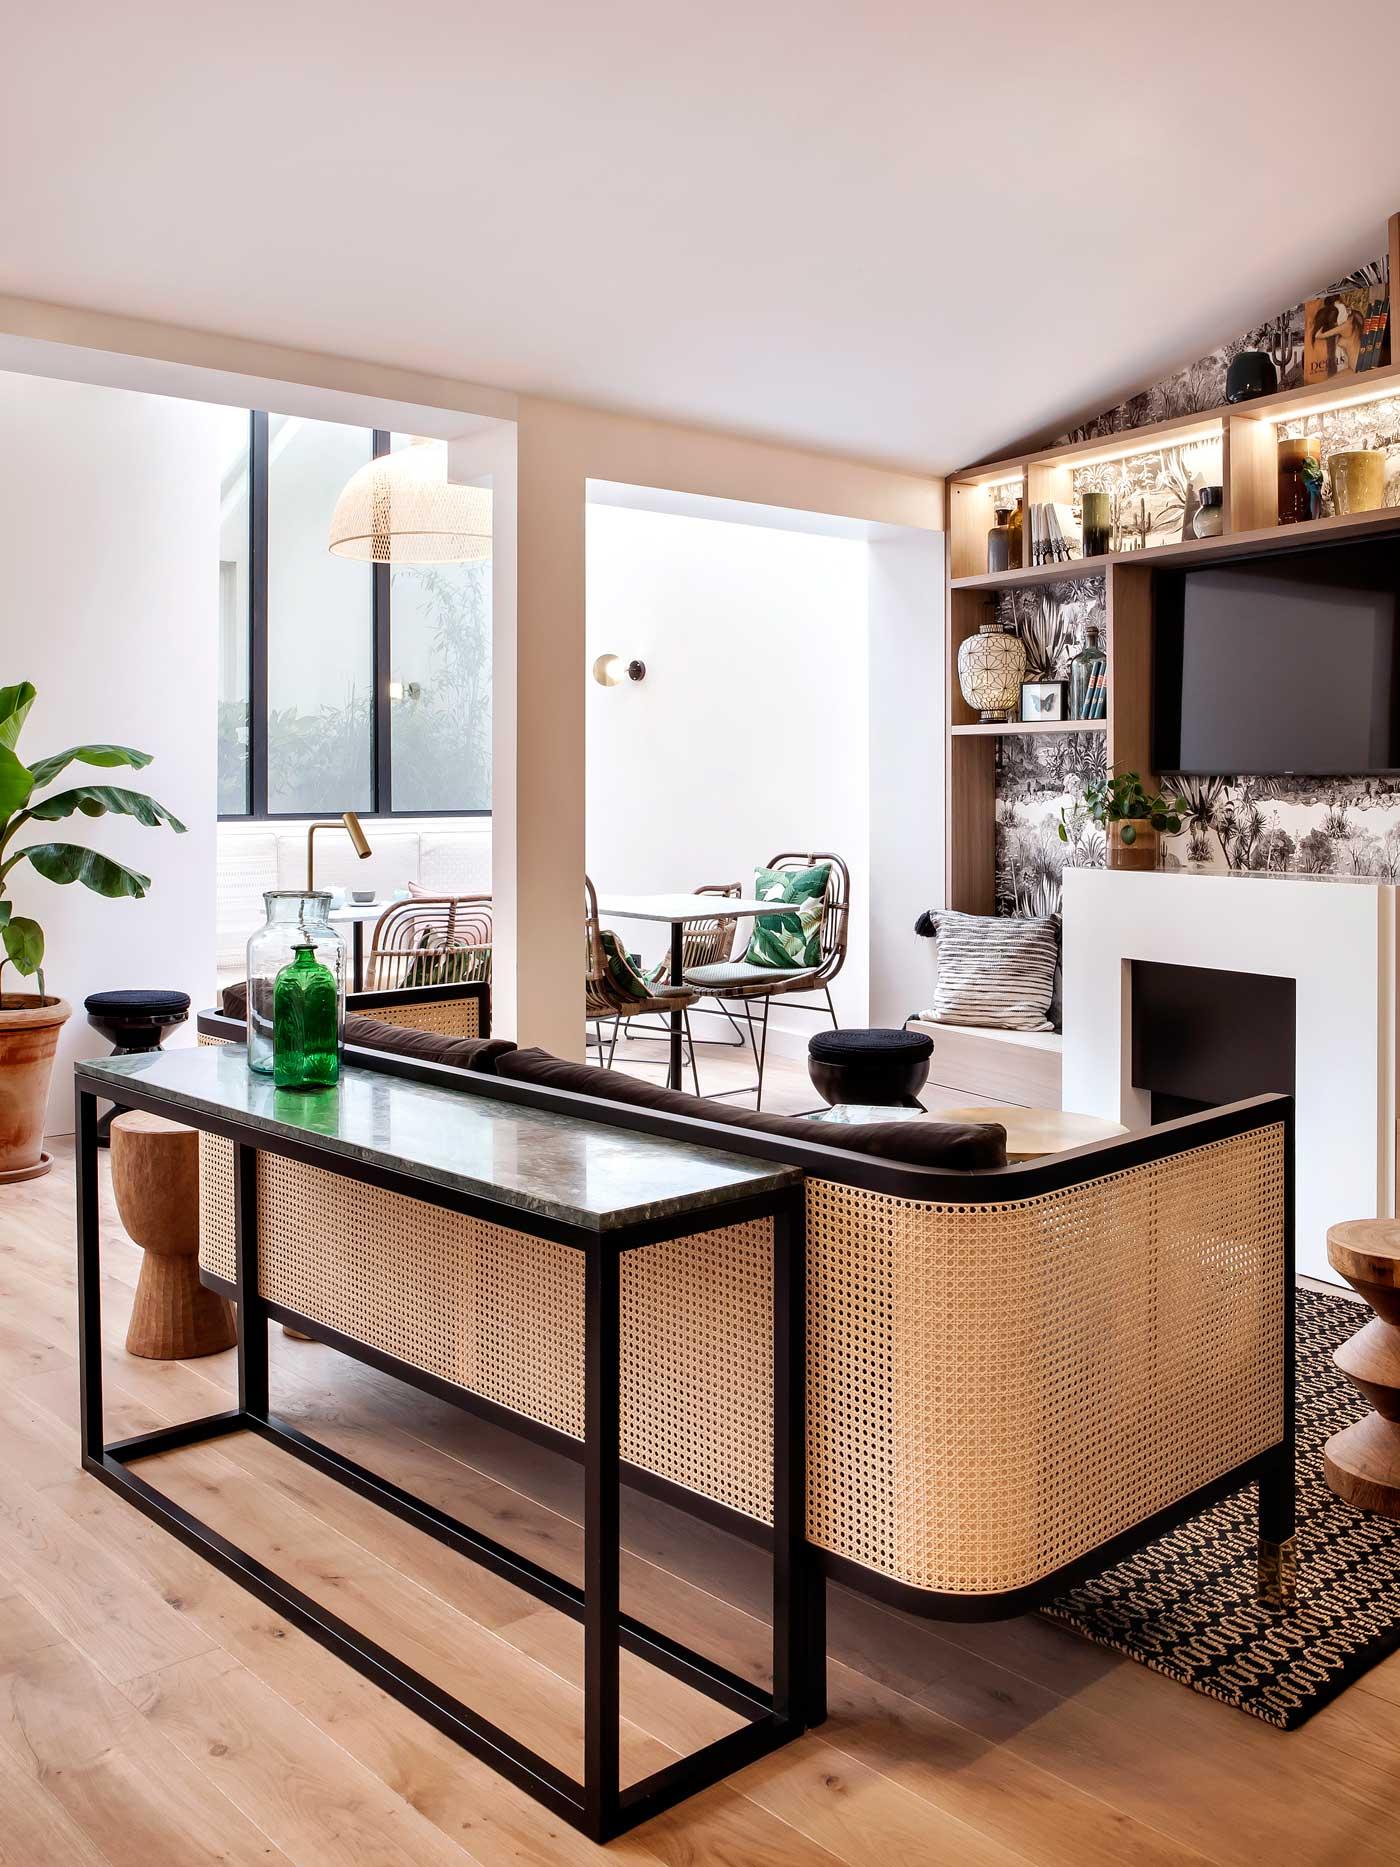 br design interieur id es d co meubles et int rieurs design residences decoration magazine. Black Bedroom Furniture Sets. Home Design Ideas